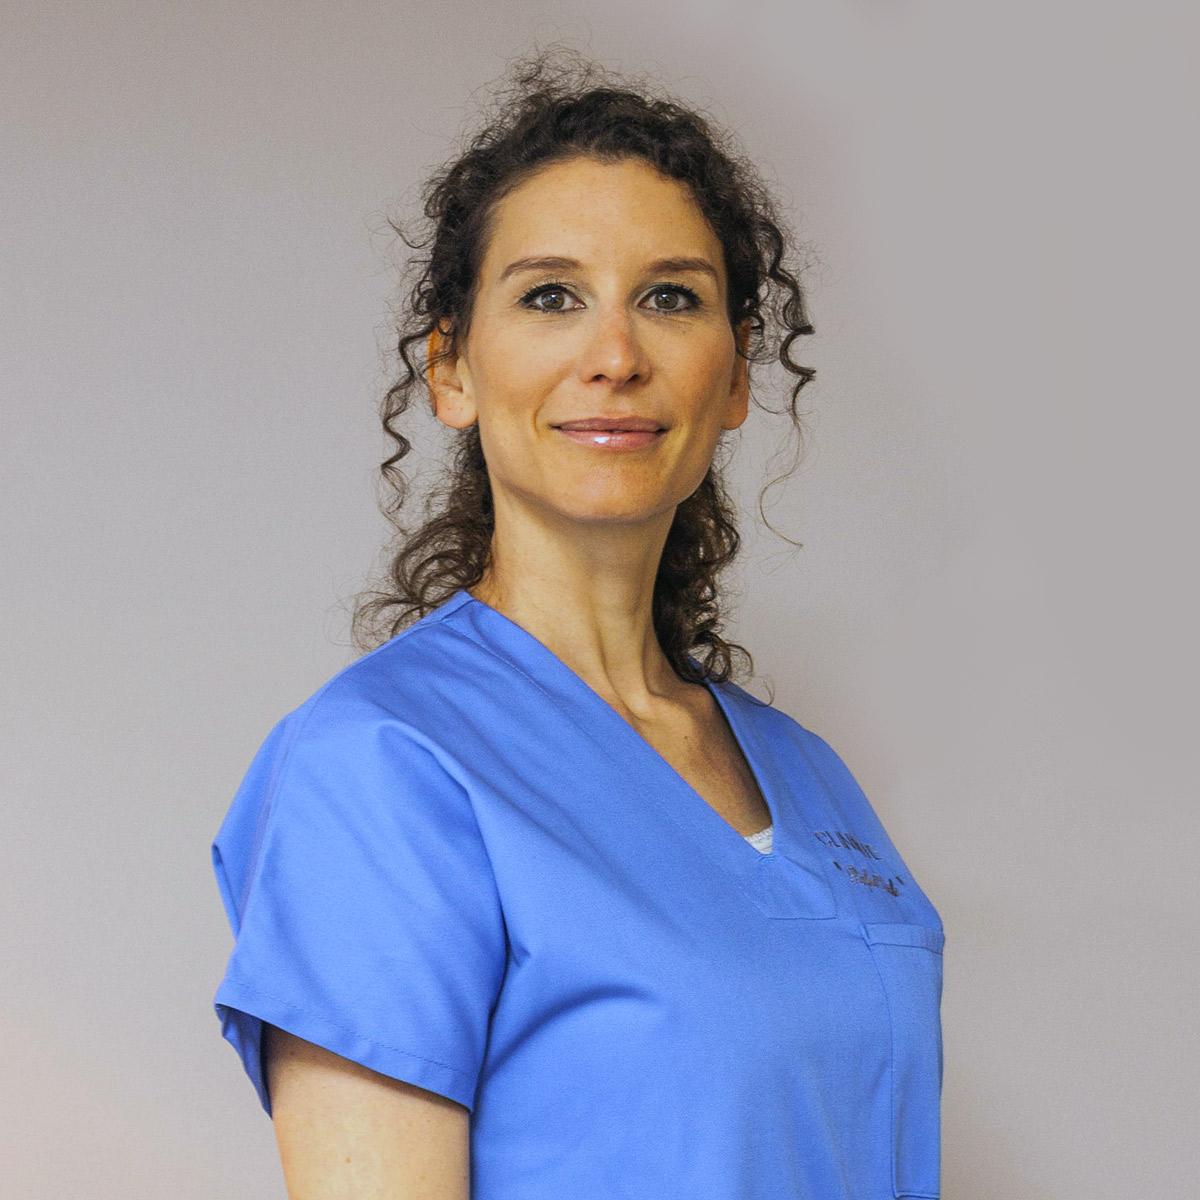 Nathalie SCHOENAERS